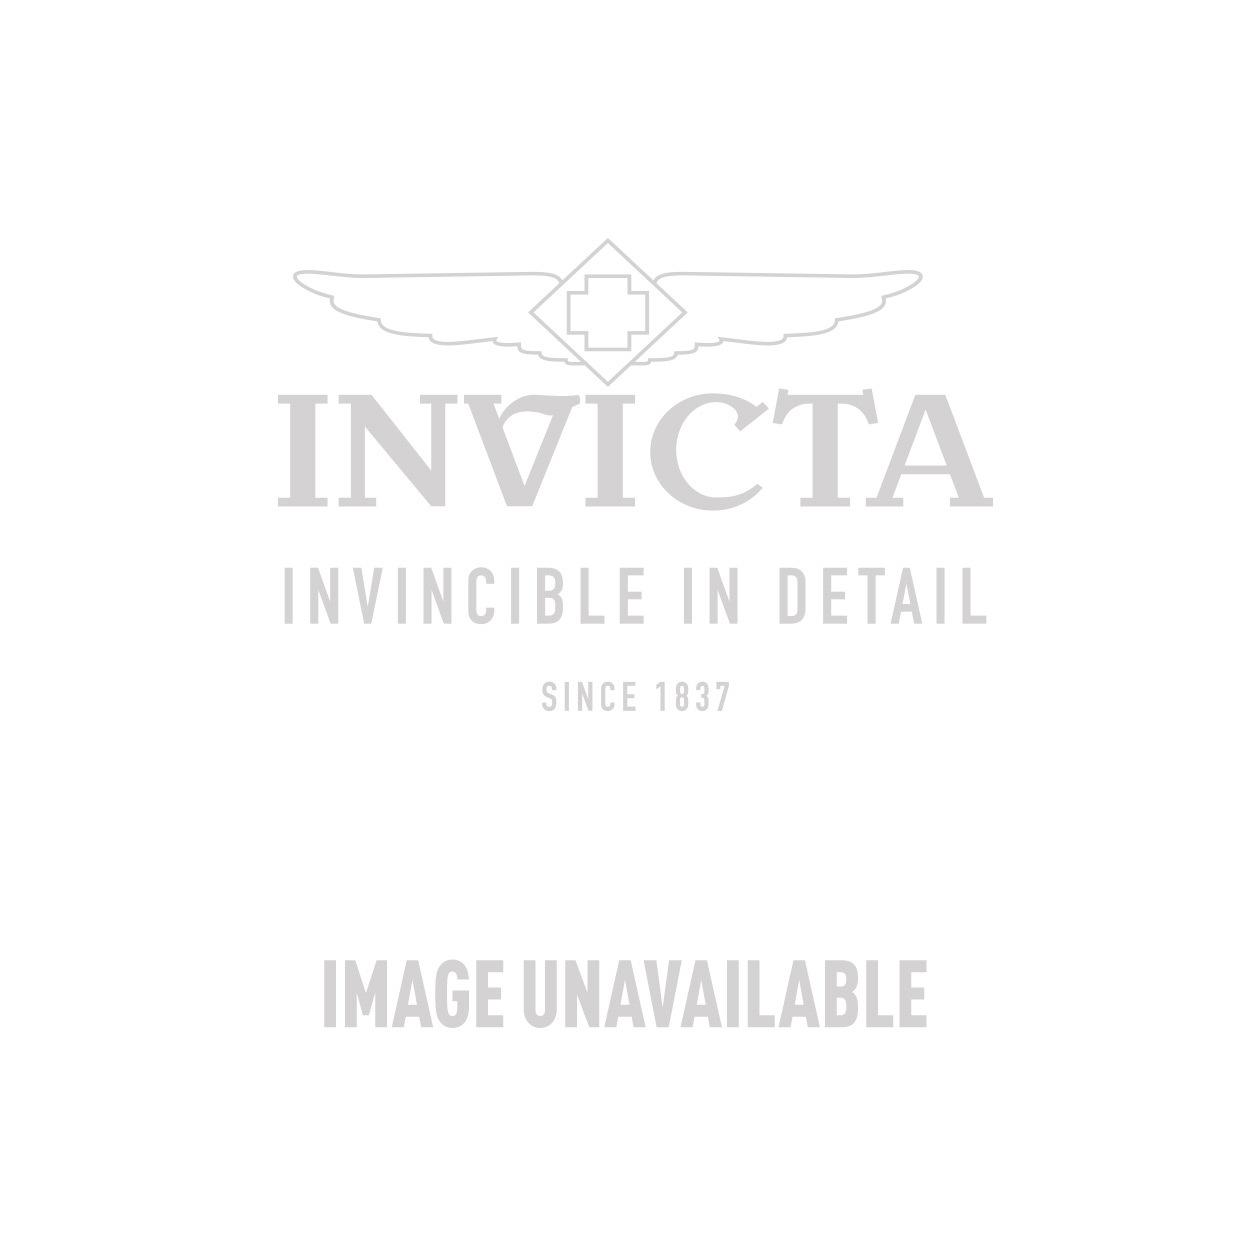 Invicta Model 29617